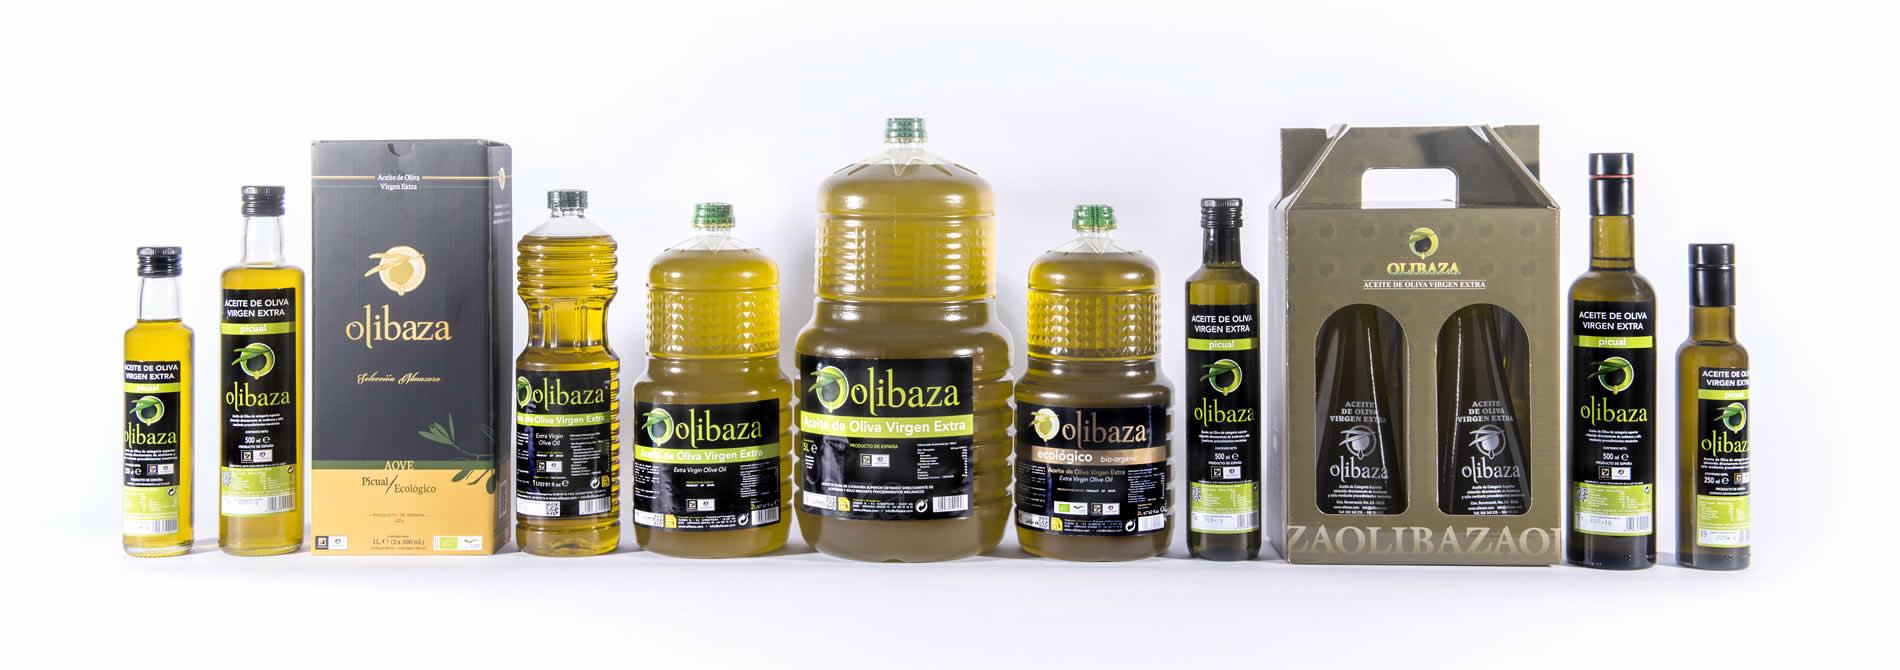 Buy Ecologic Olive Oil